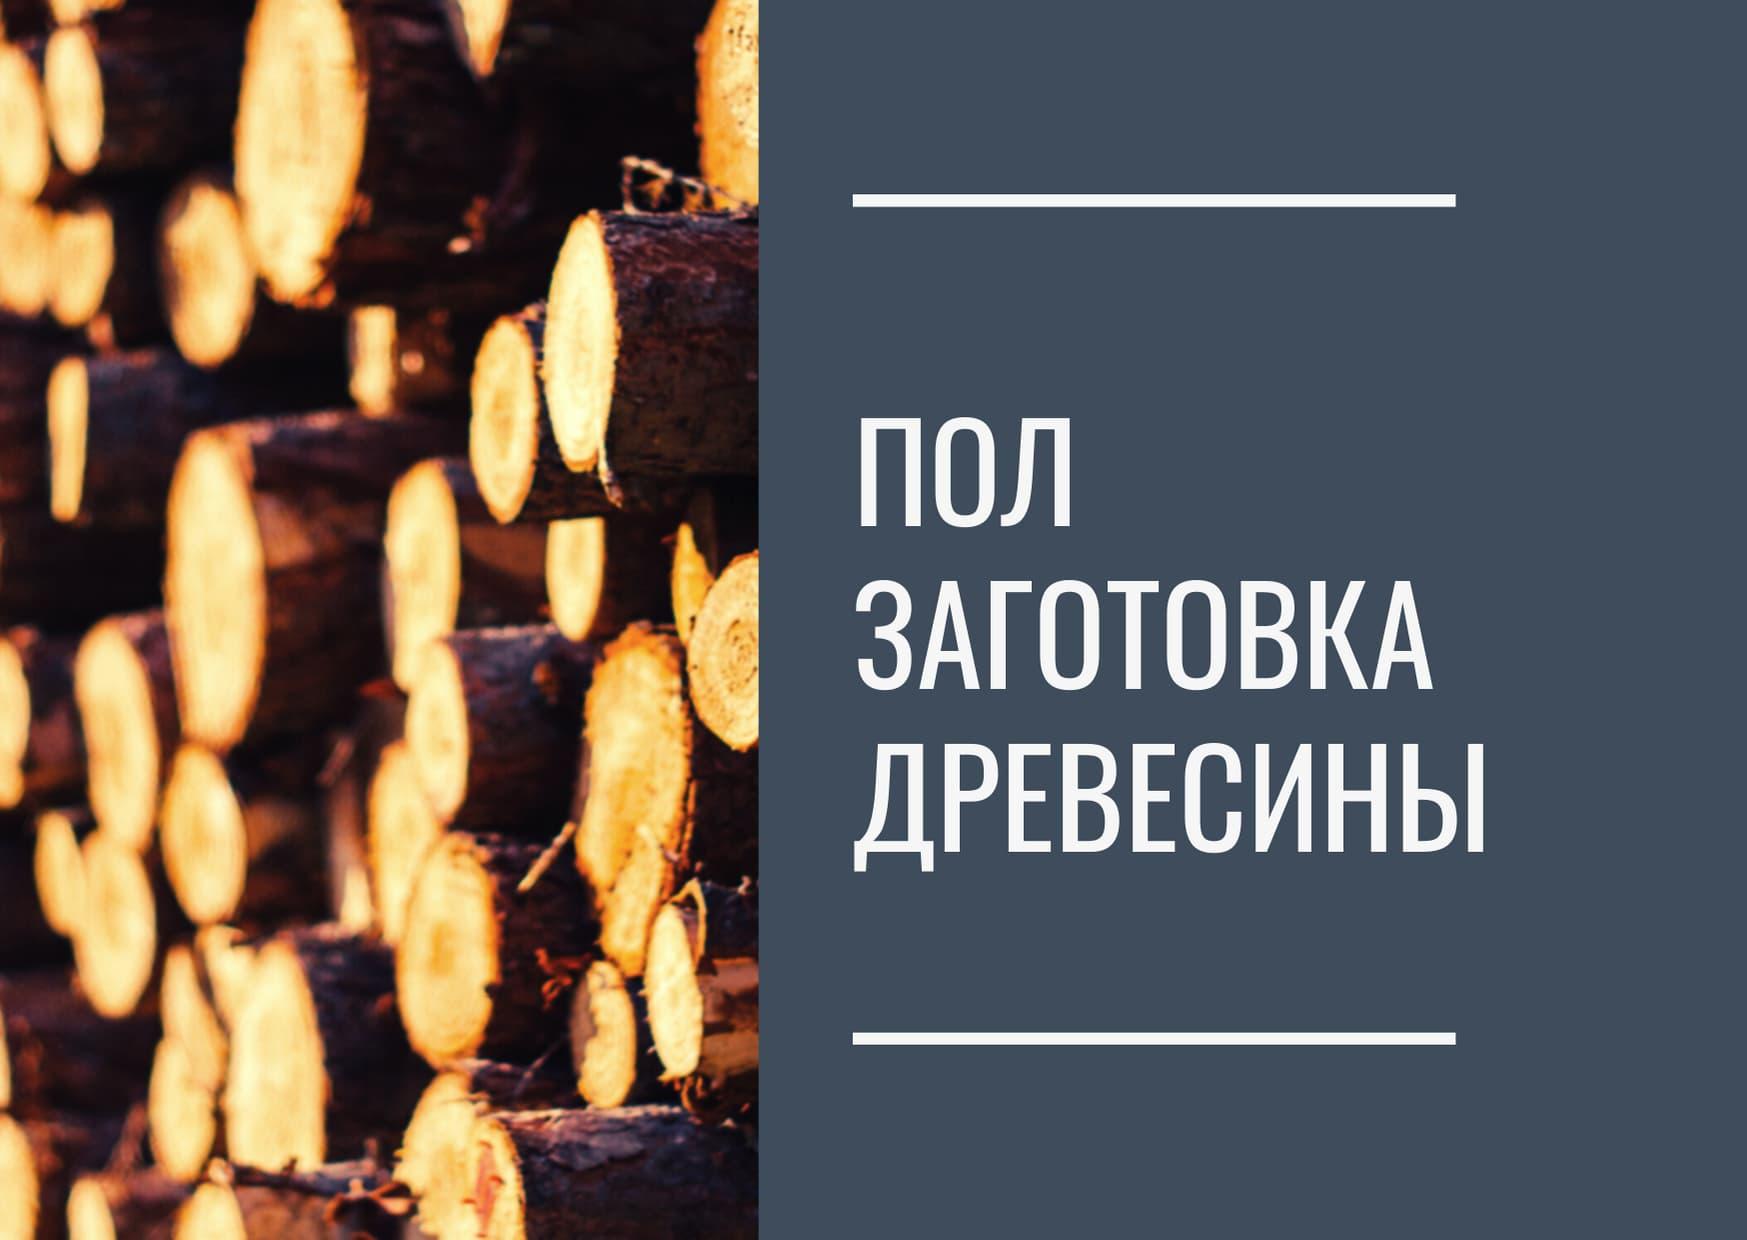 Проект освоения лесов заготовка древесины